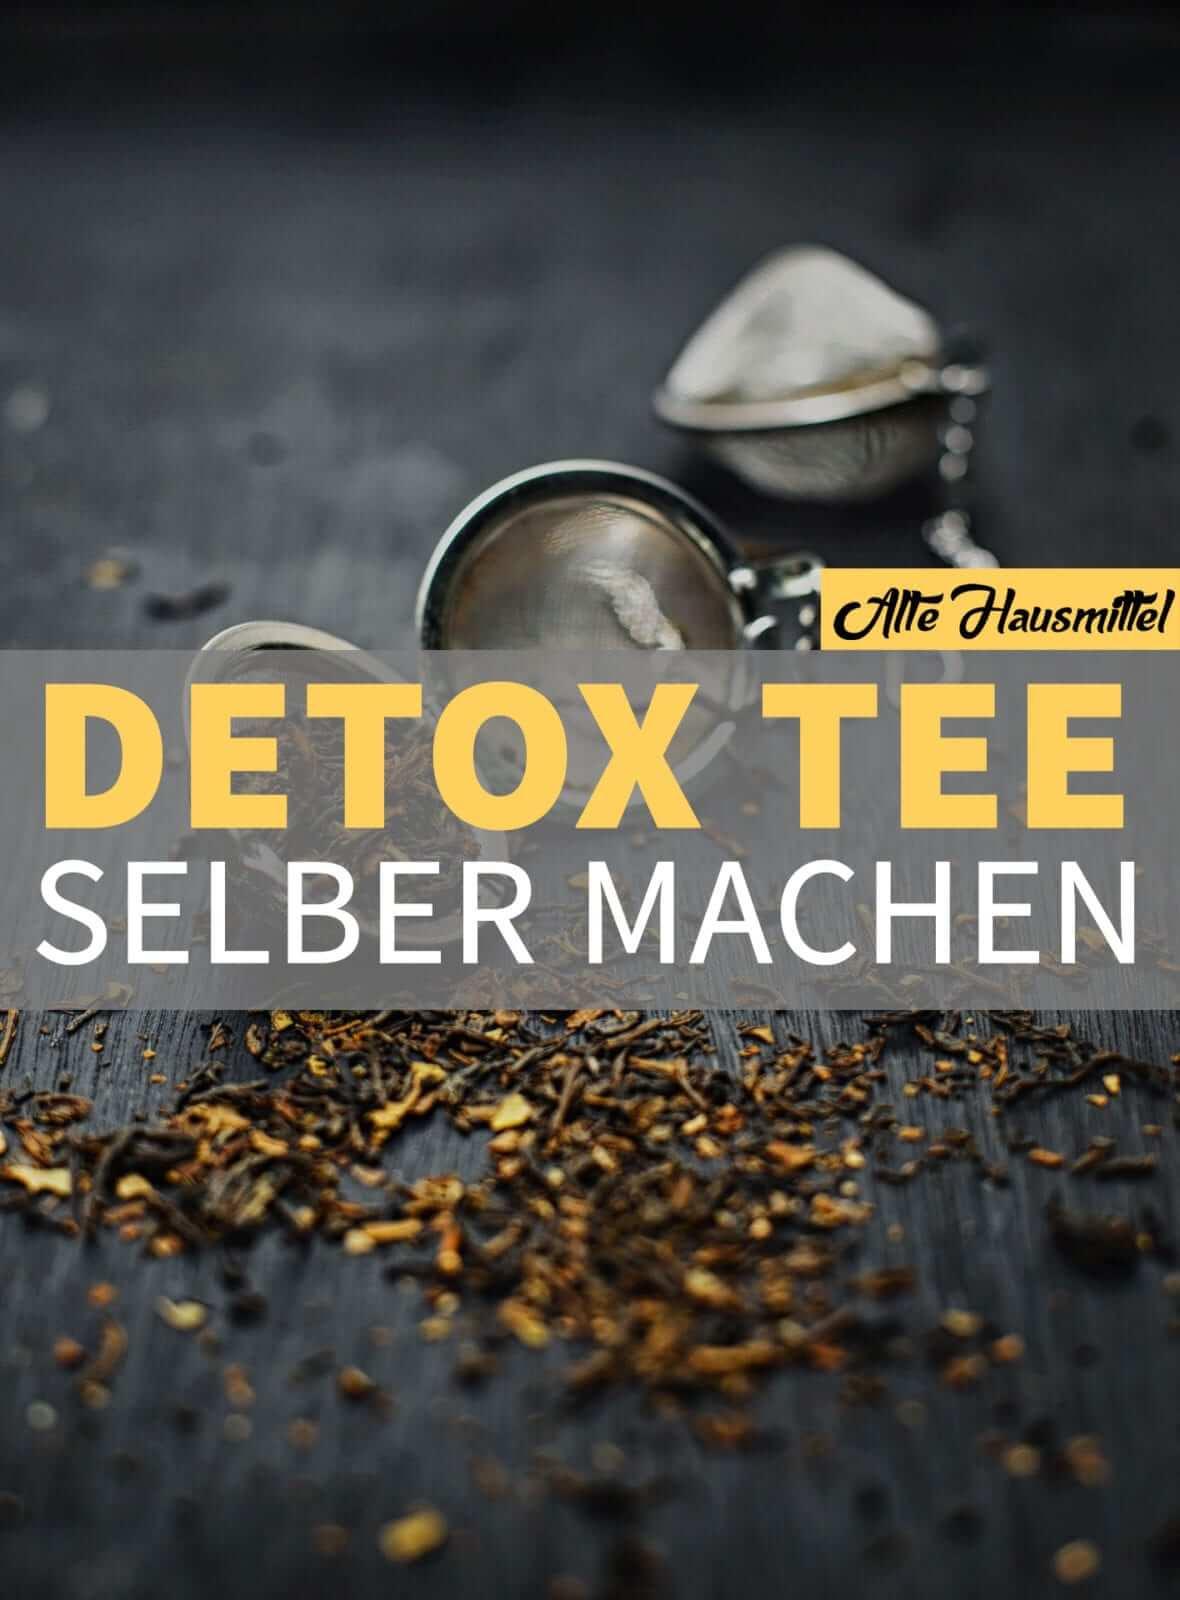 Detox Tee selber machen